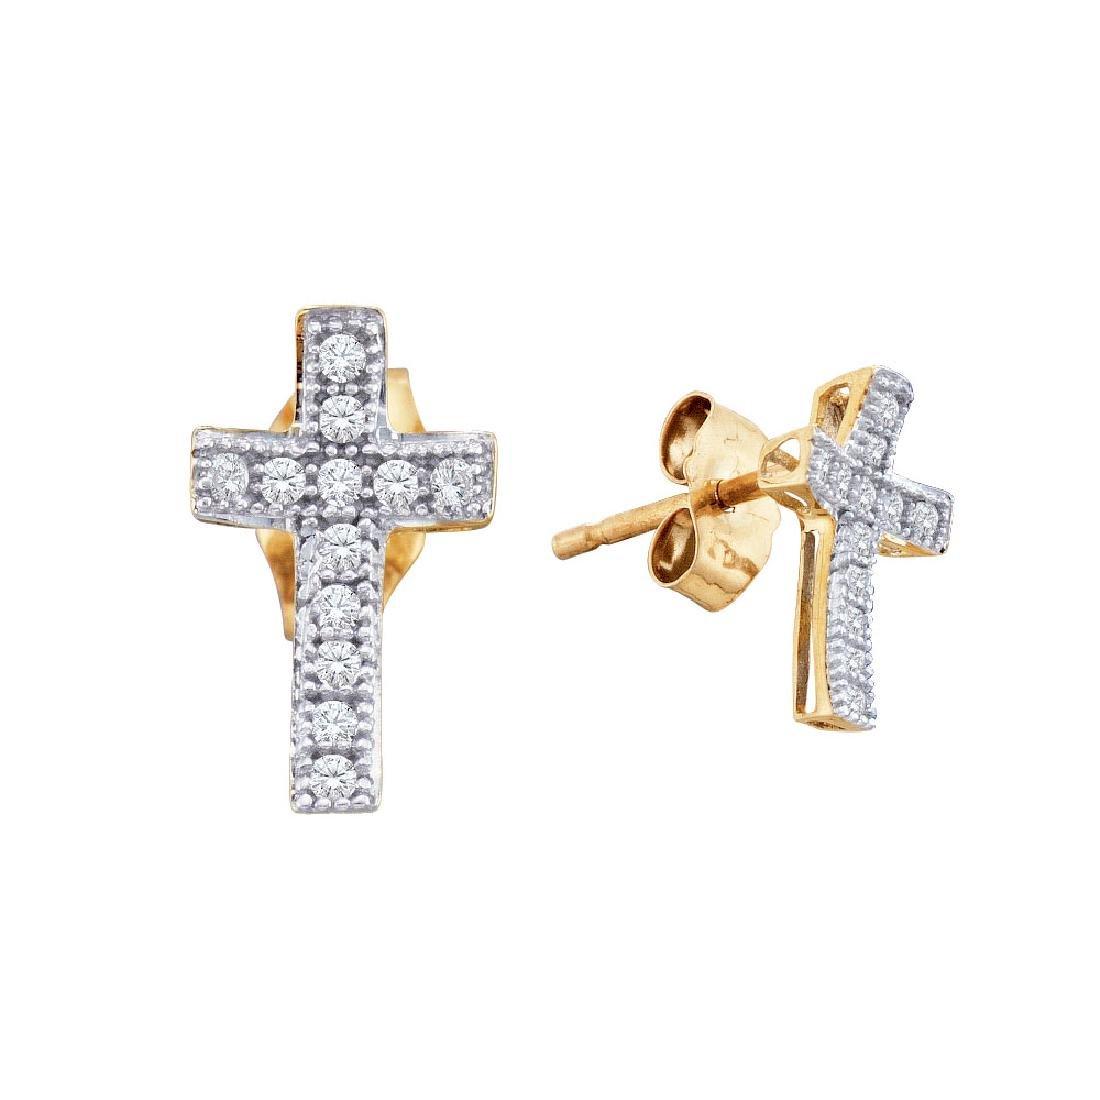 0.10 CTW Diamond Cross Earrings 10KT Yellow Gold -